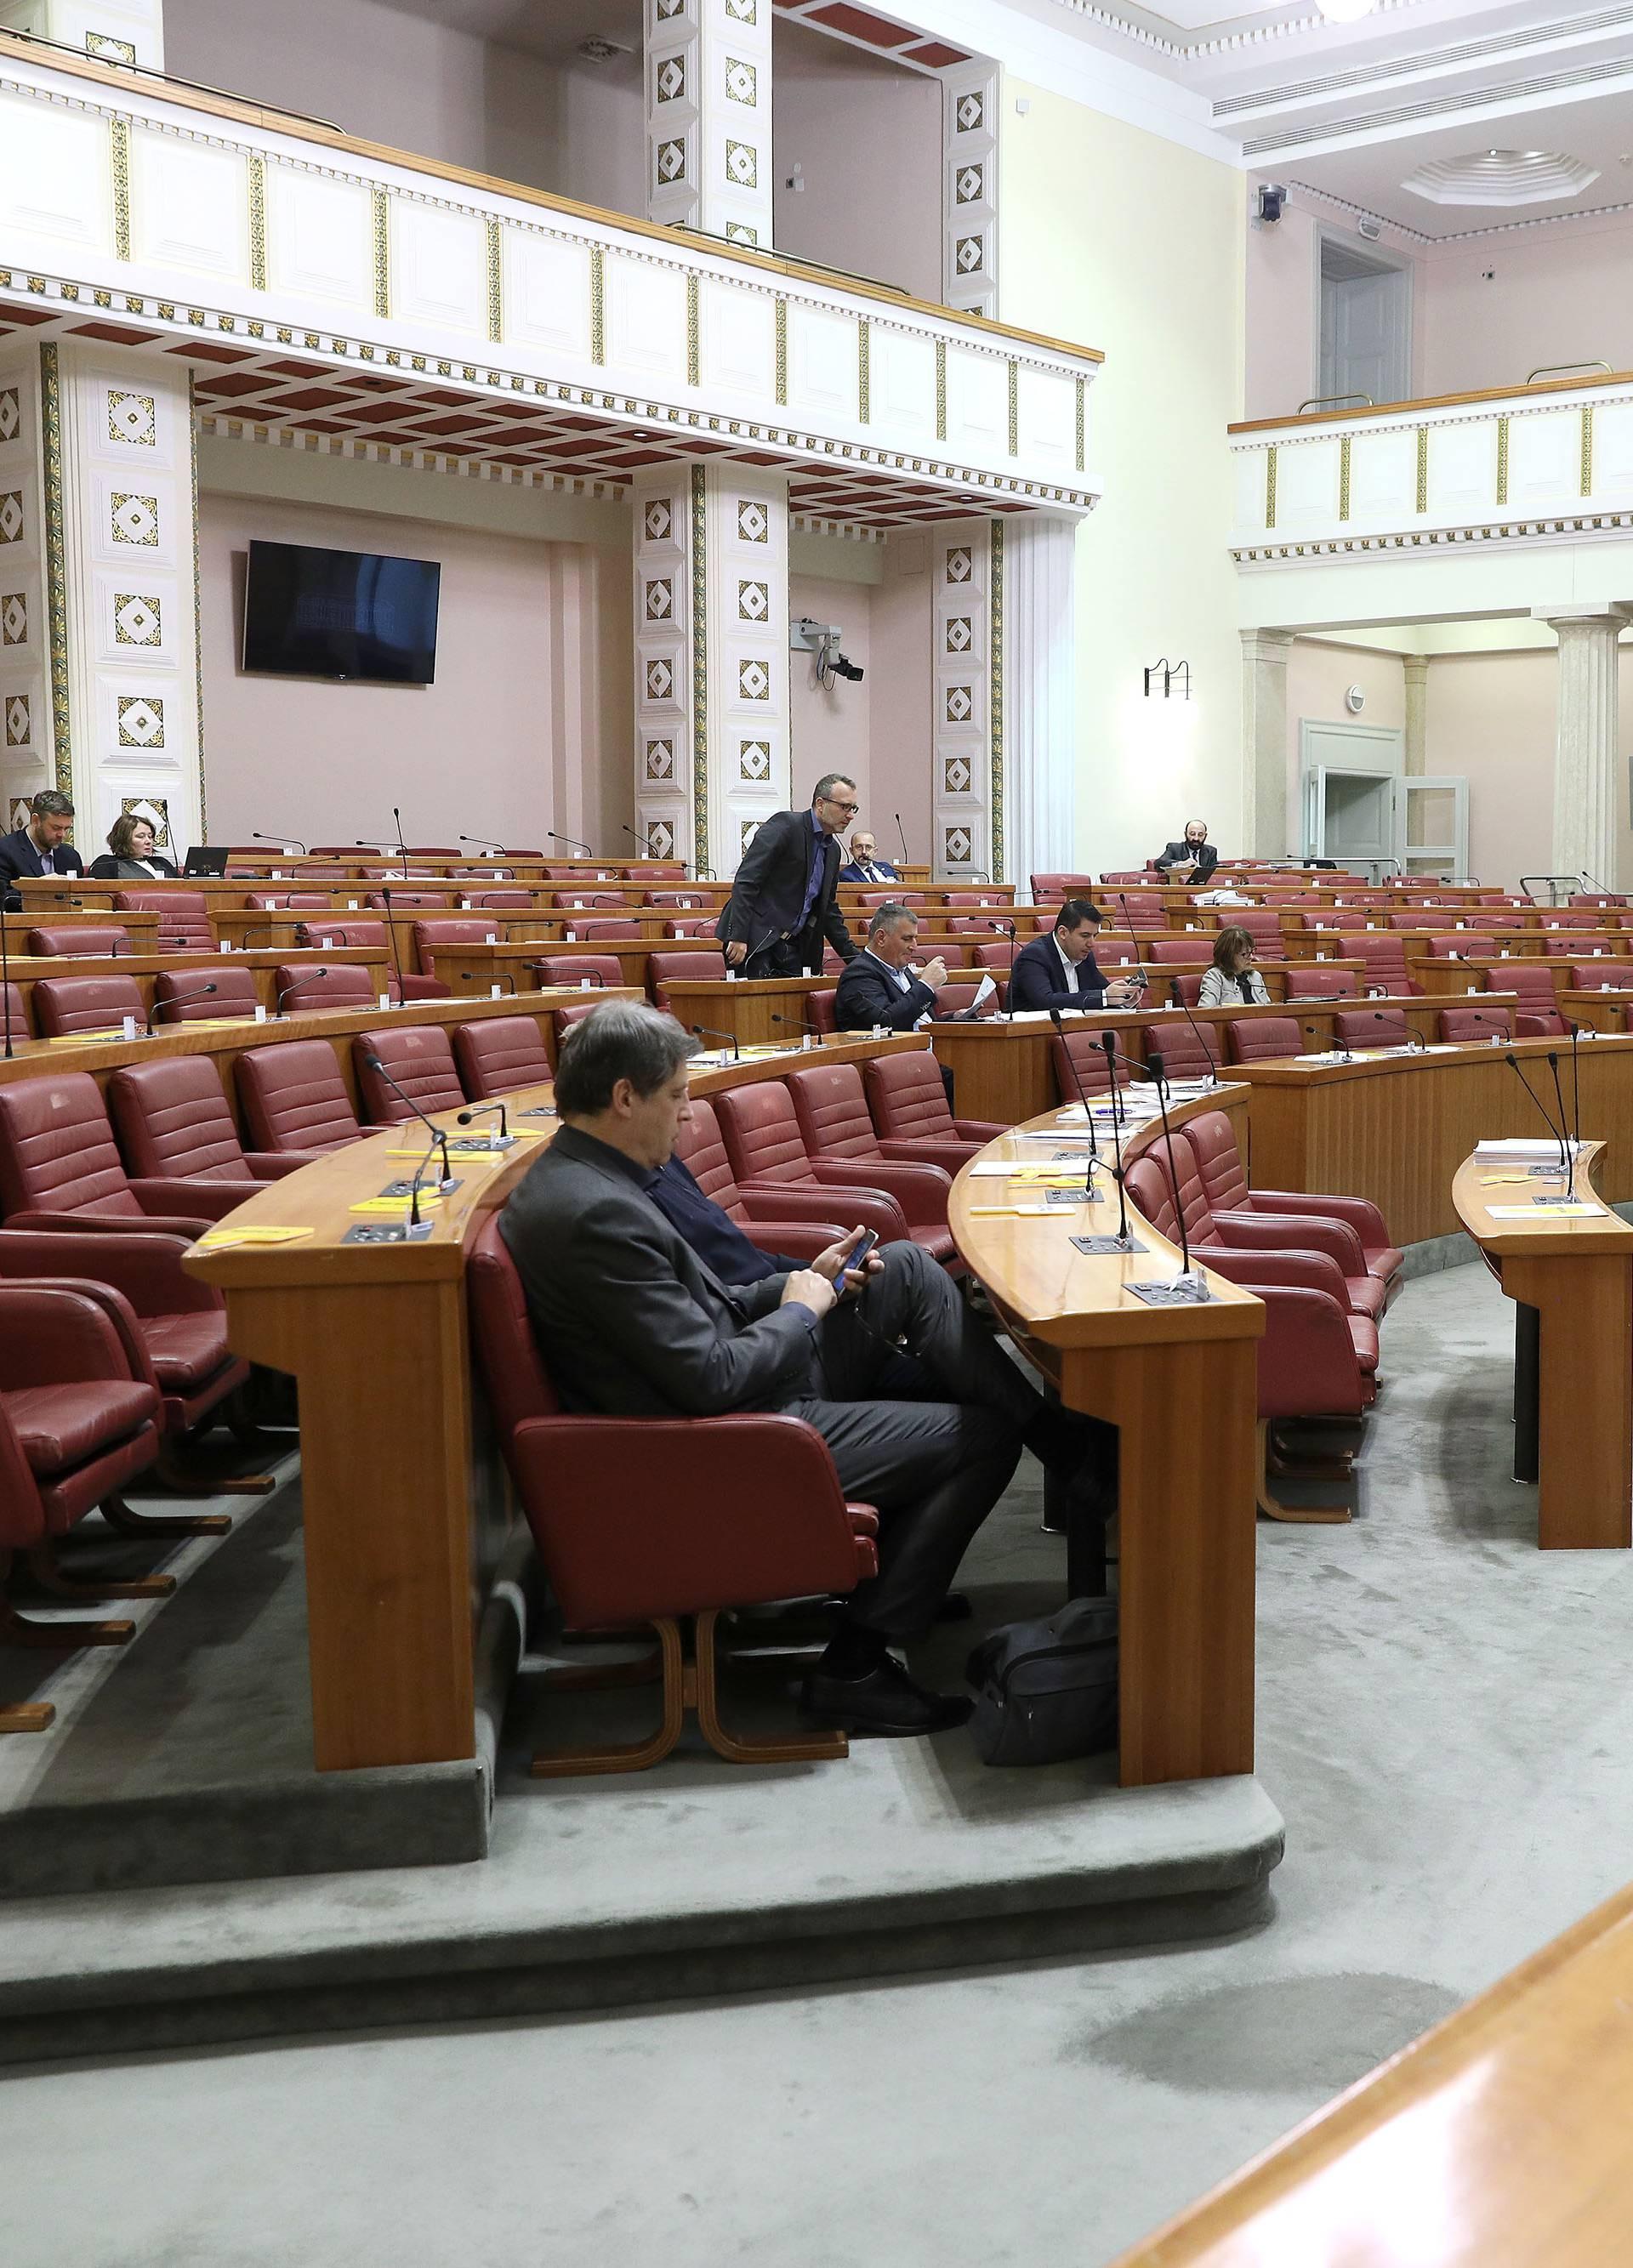 Sabor zasjeda zadnji put prije stanke, rasprava o Vukovaru